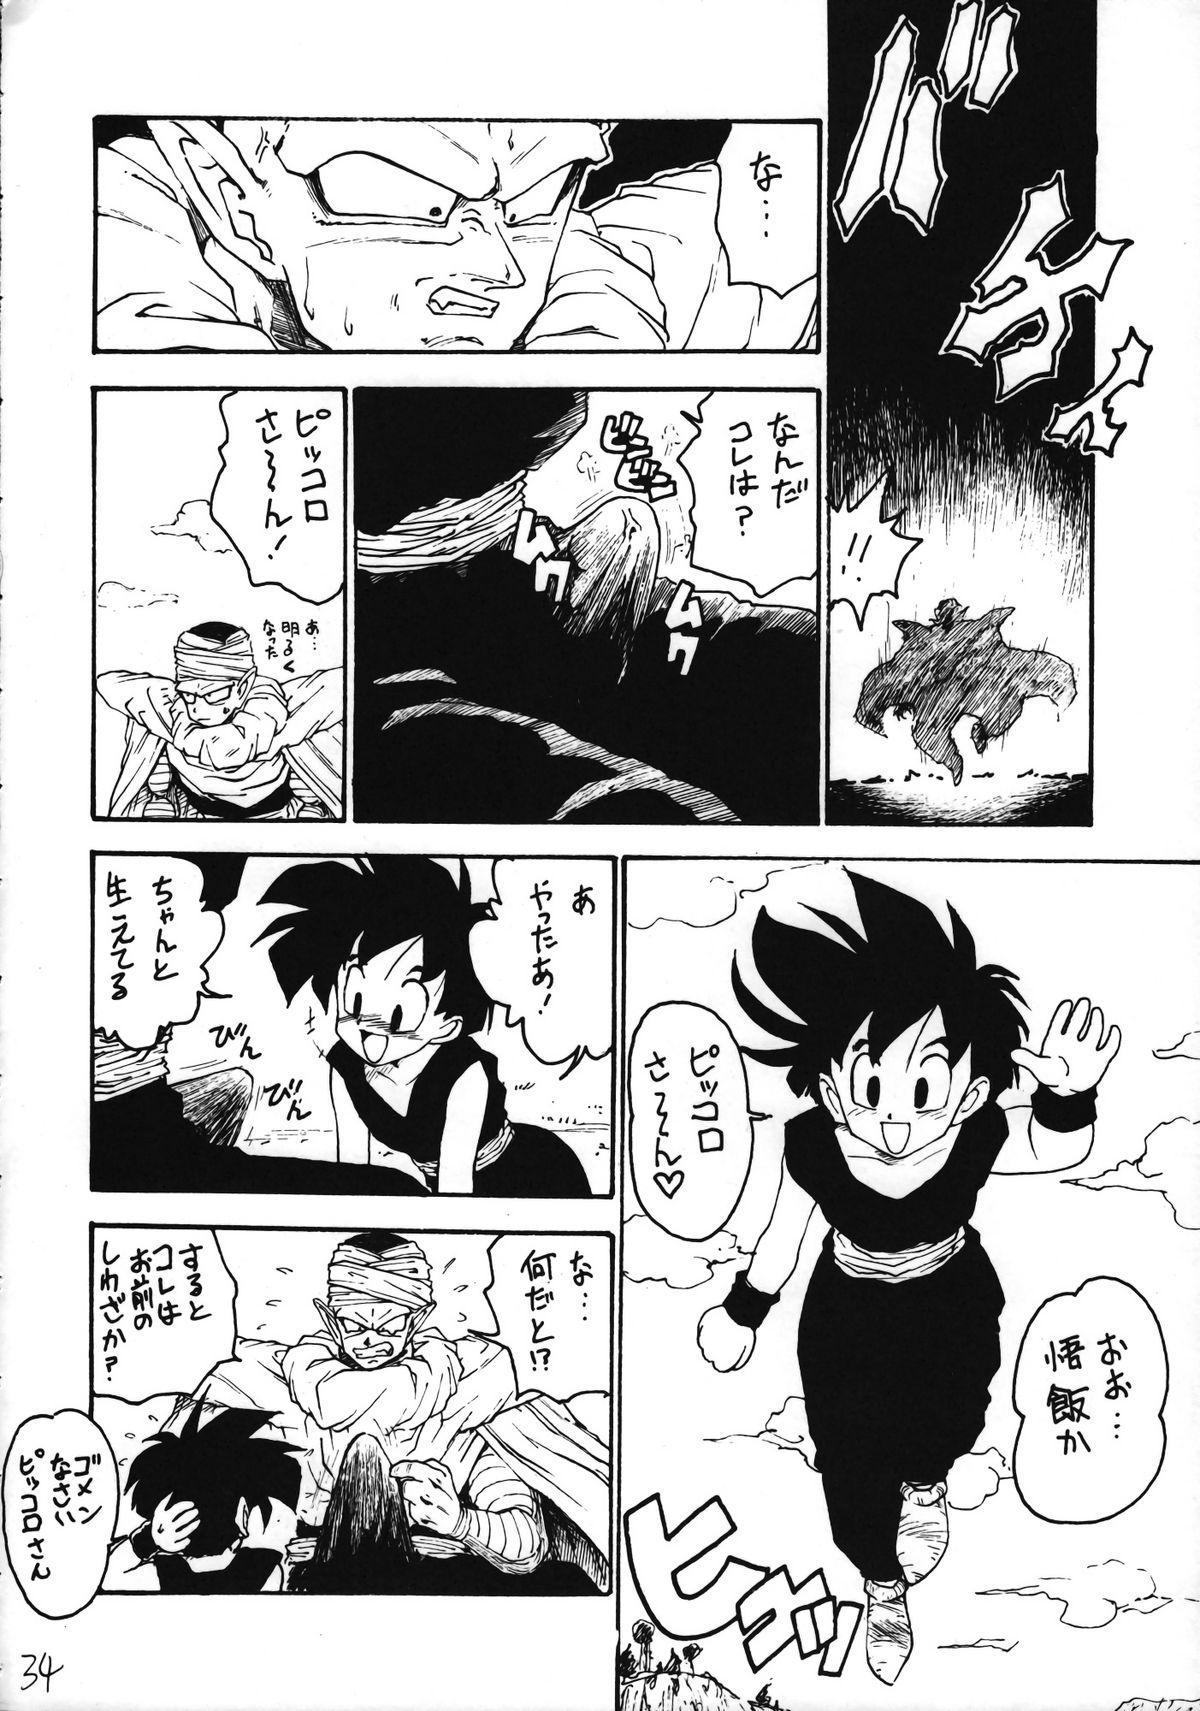 Ikenai! Otokonoko Hon Boy's H Book 2 34